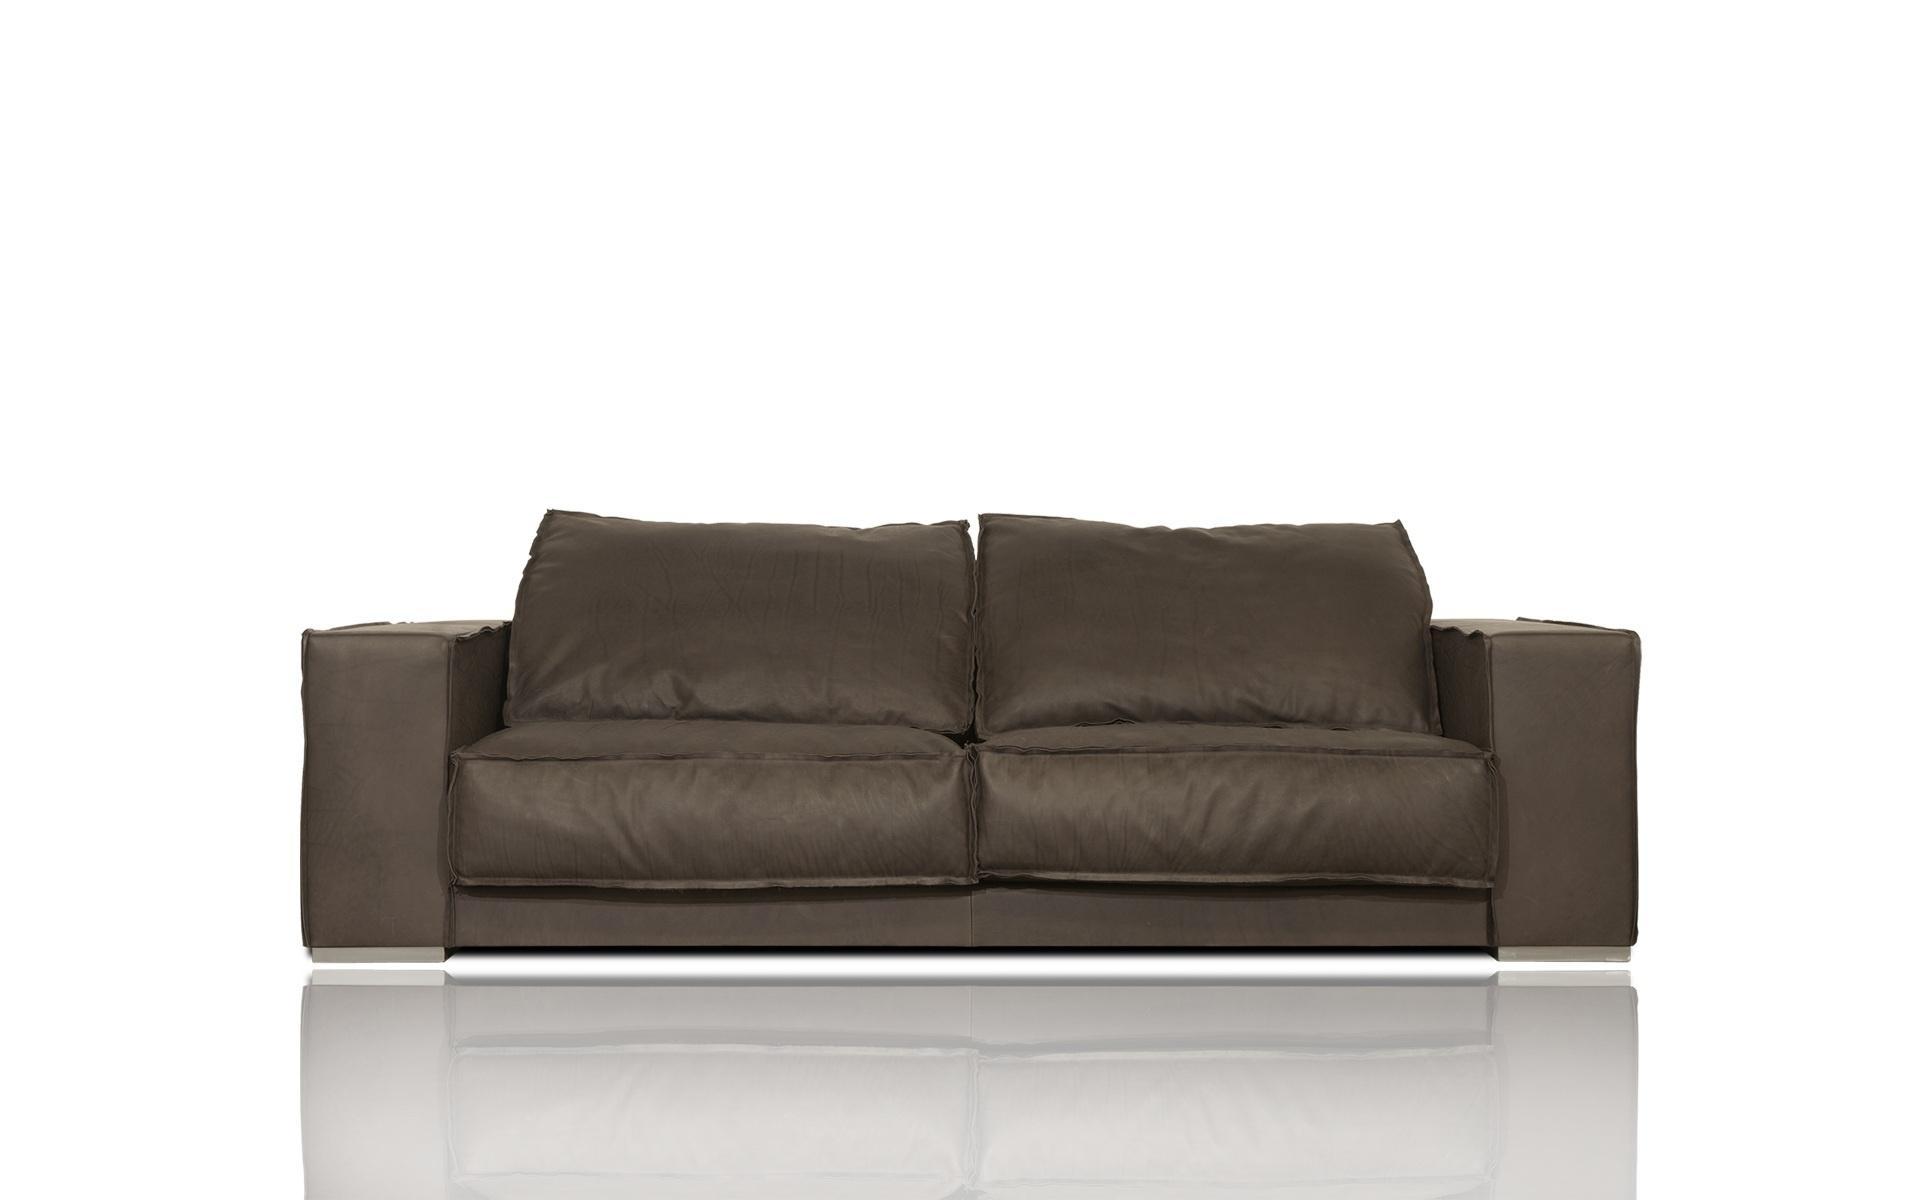 Modular Sofas, Sectional Sofas – Luxury Furniture Mr With Regard To Modular Sofas (View 10 of 20)